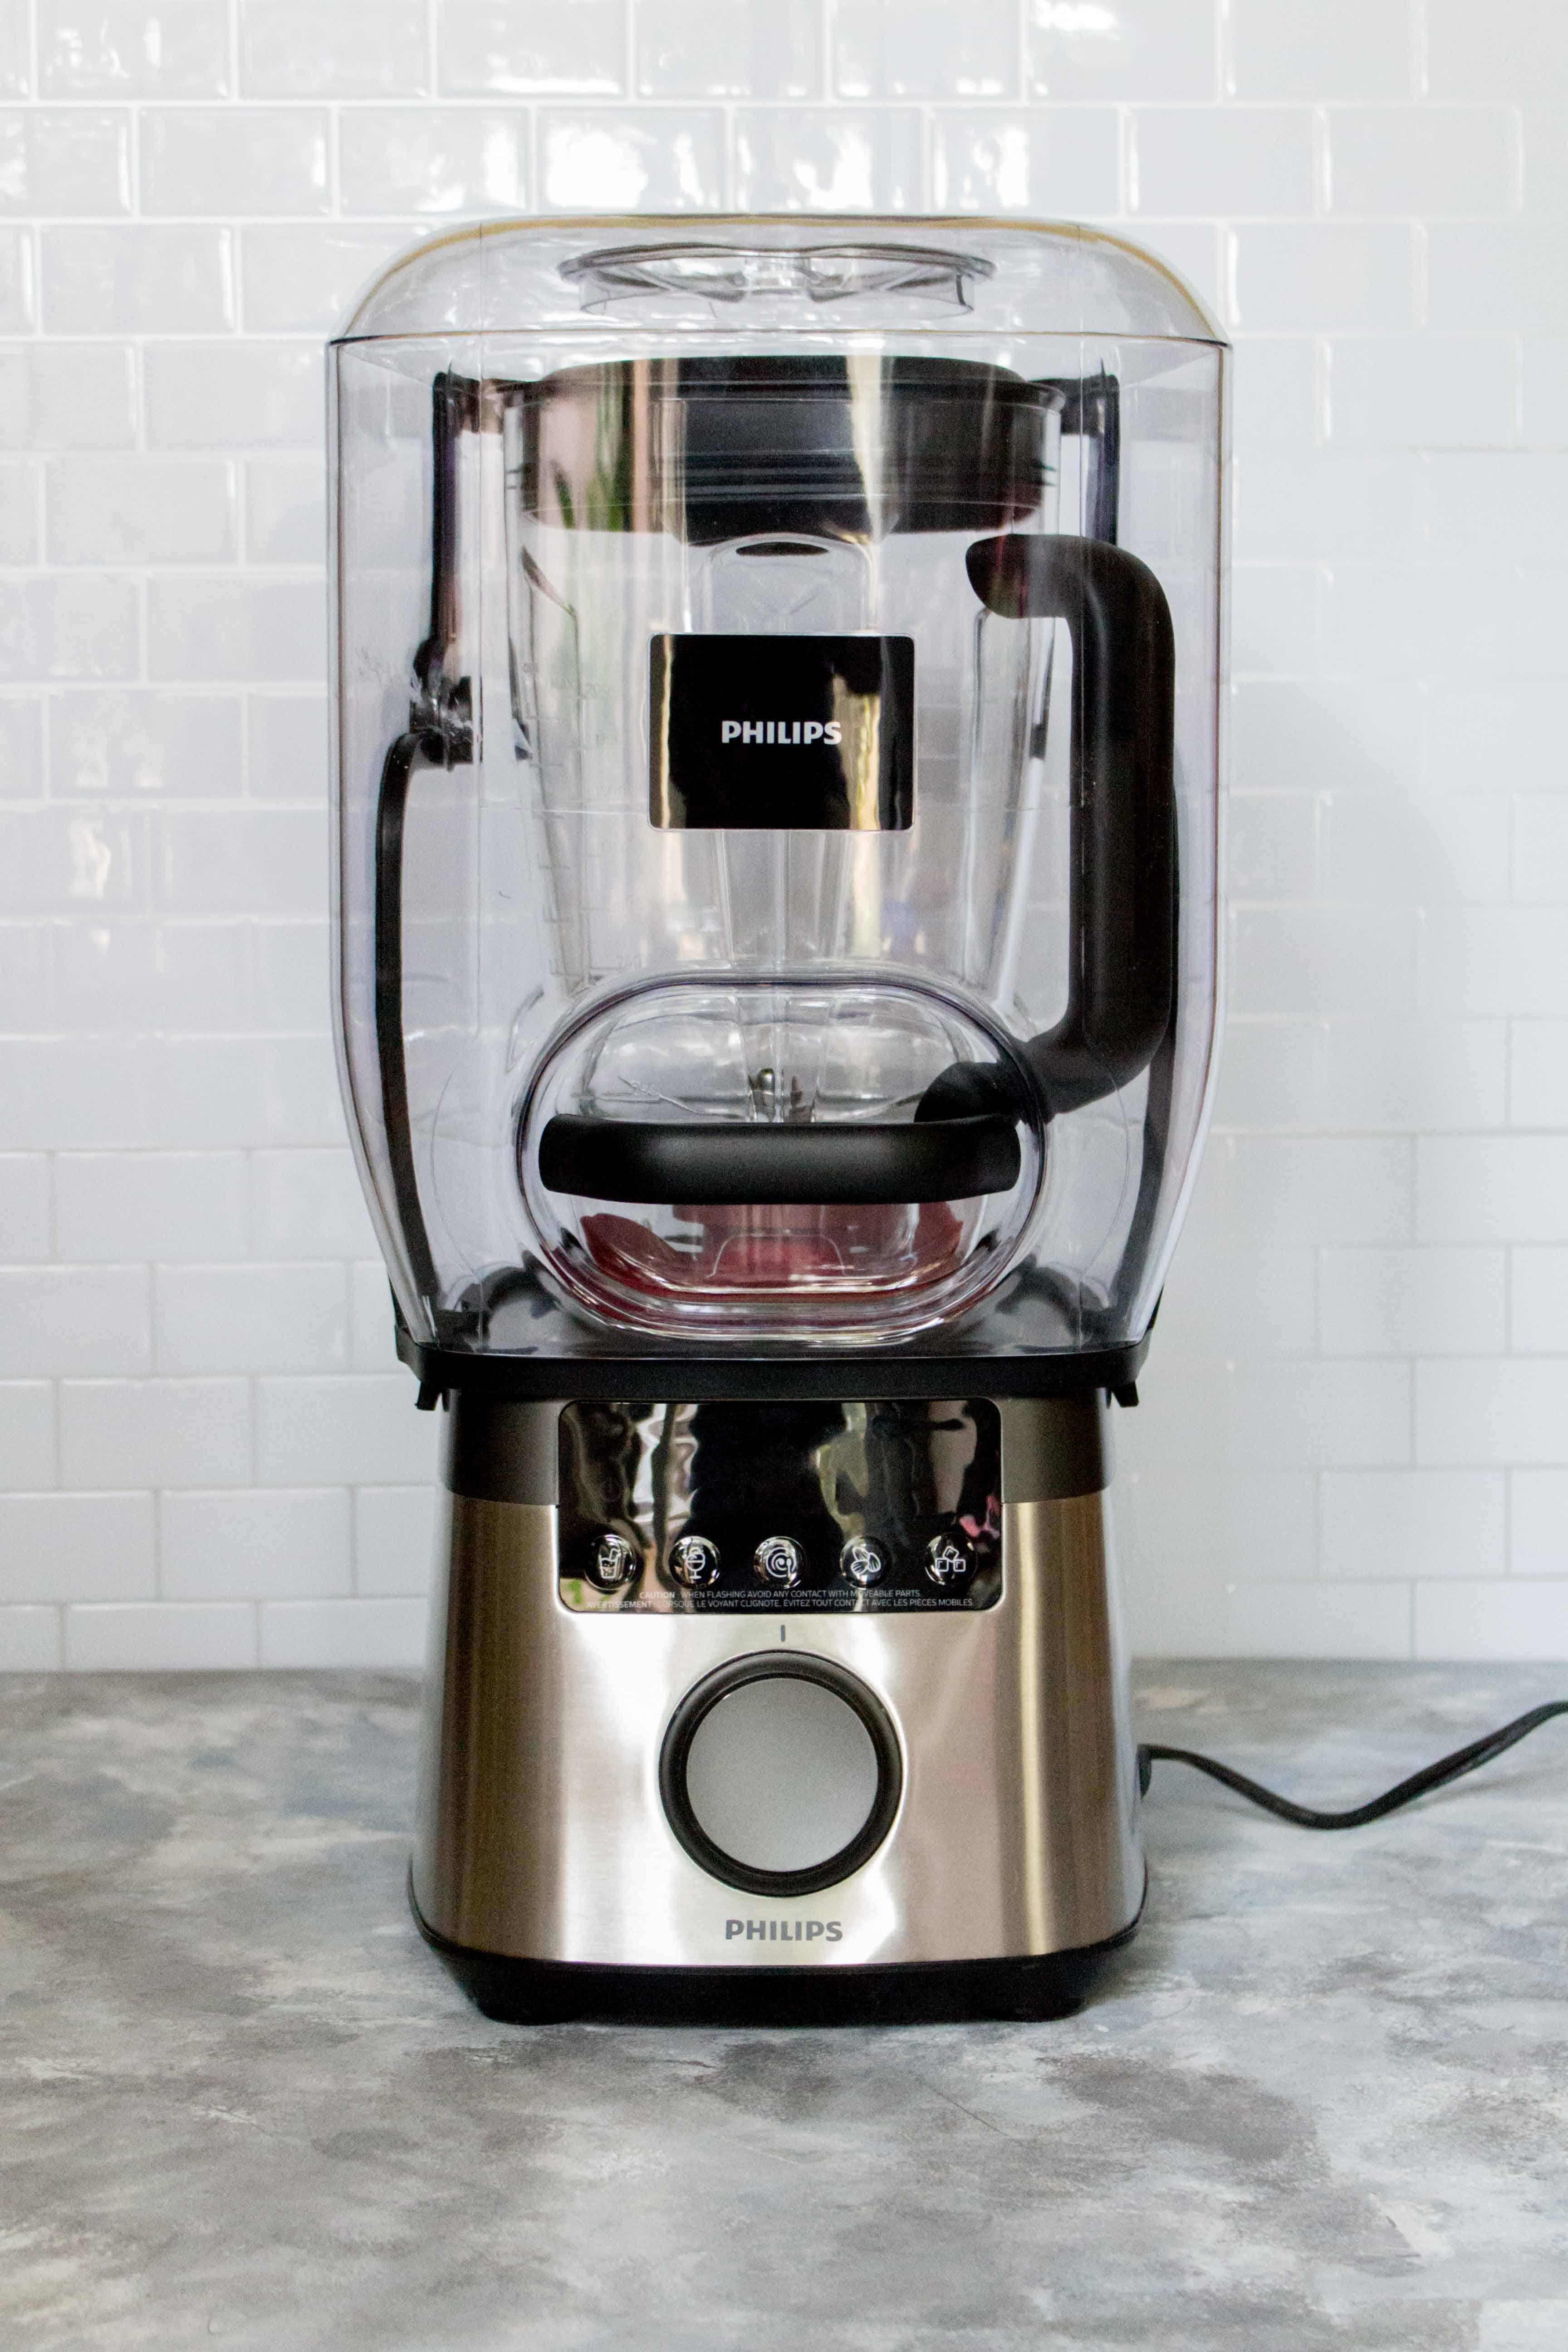 philips kitchen blender